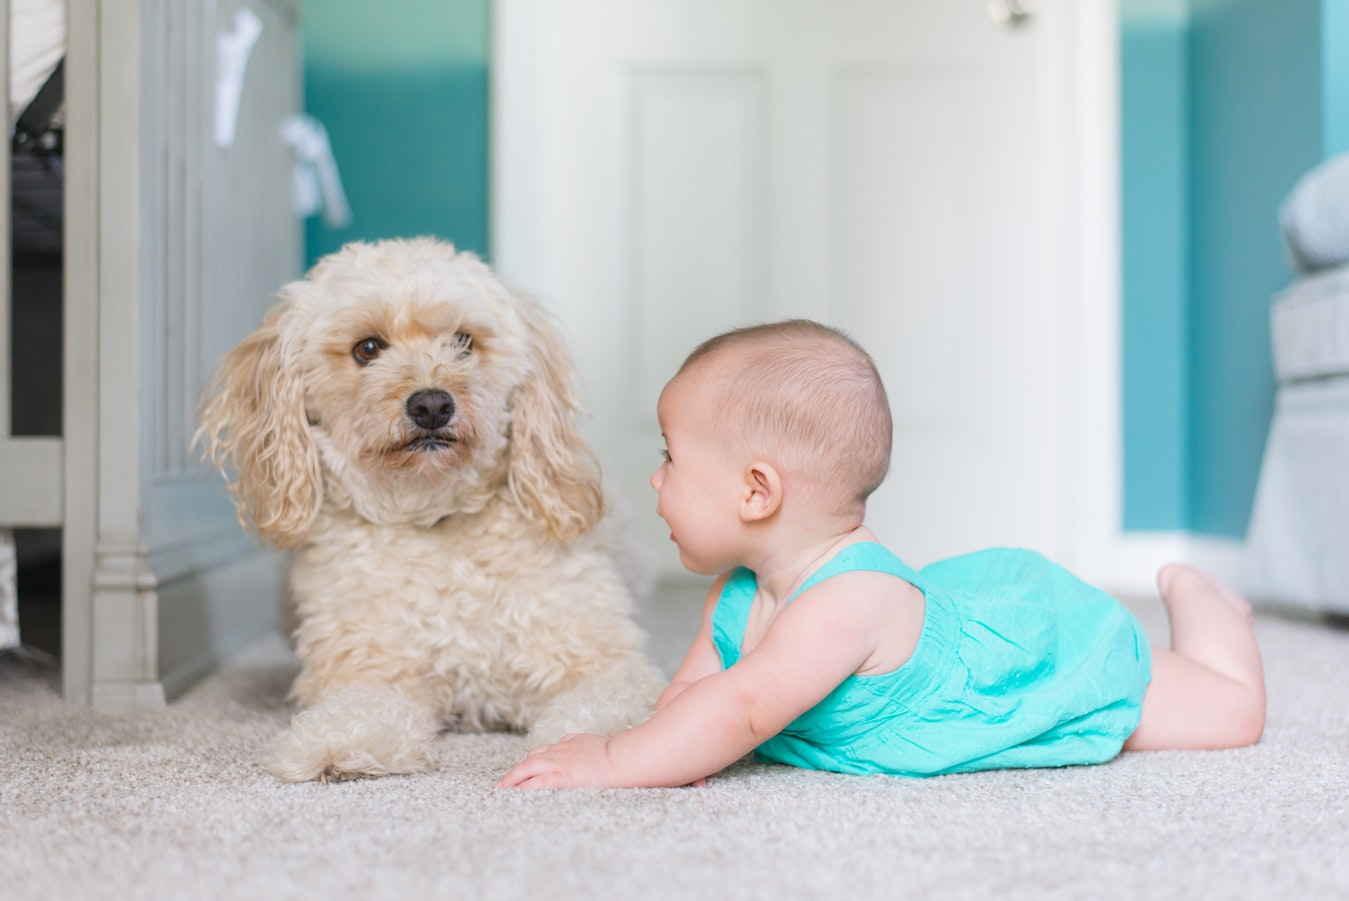 Маленький ребенок на полу играет с собачкой